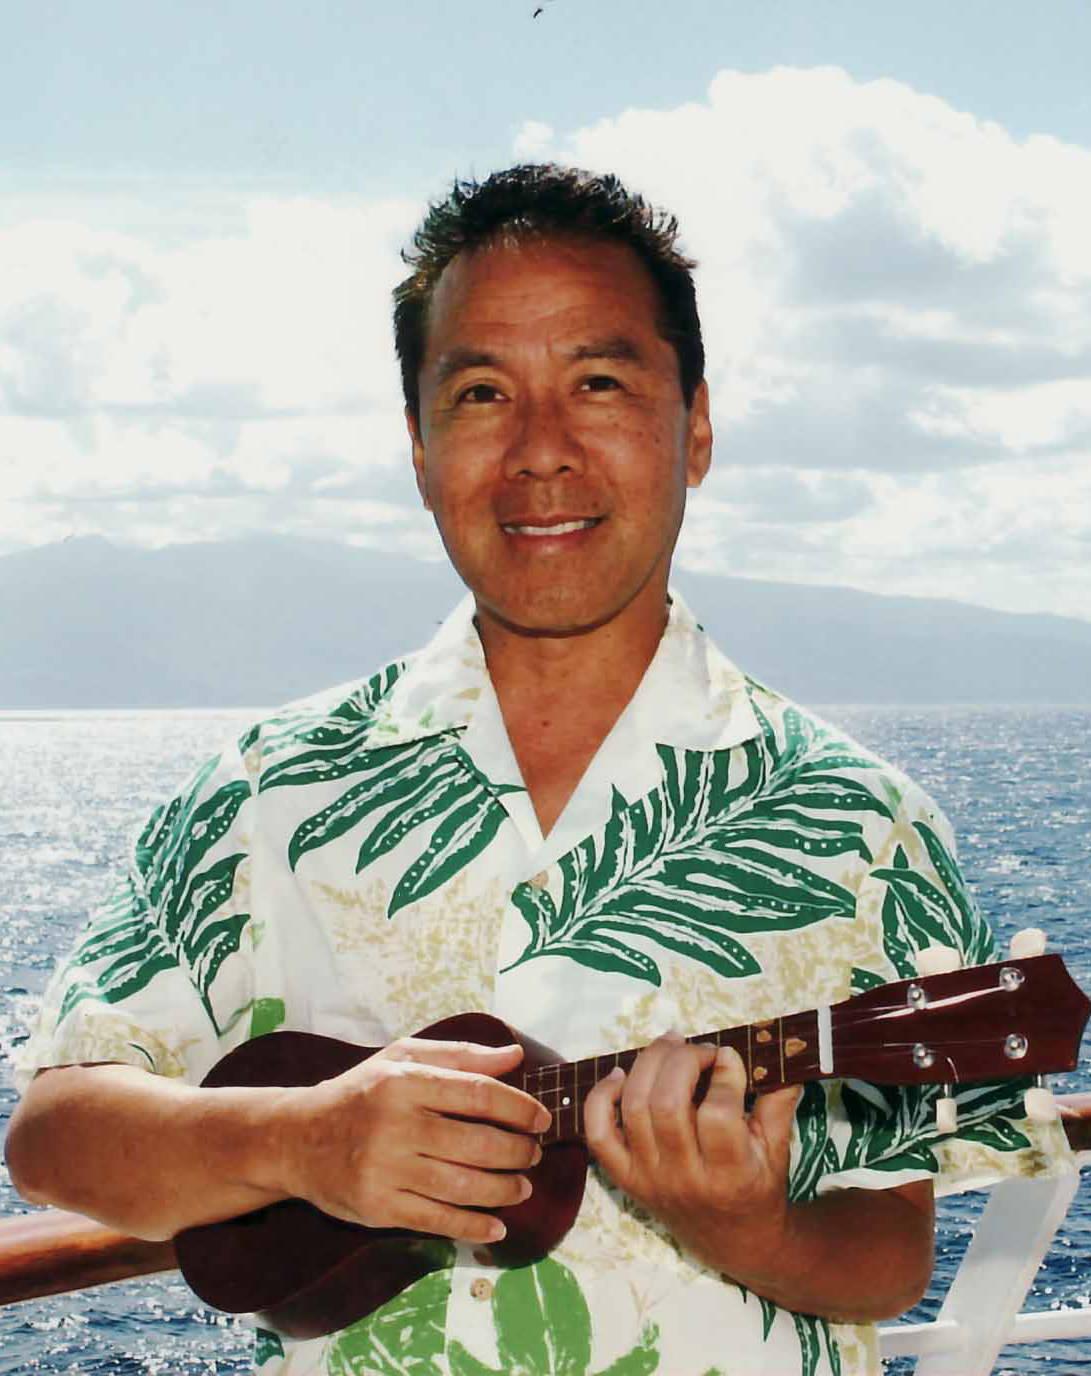 ボブ田中がハワイの楽しさをプロデュース